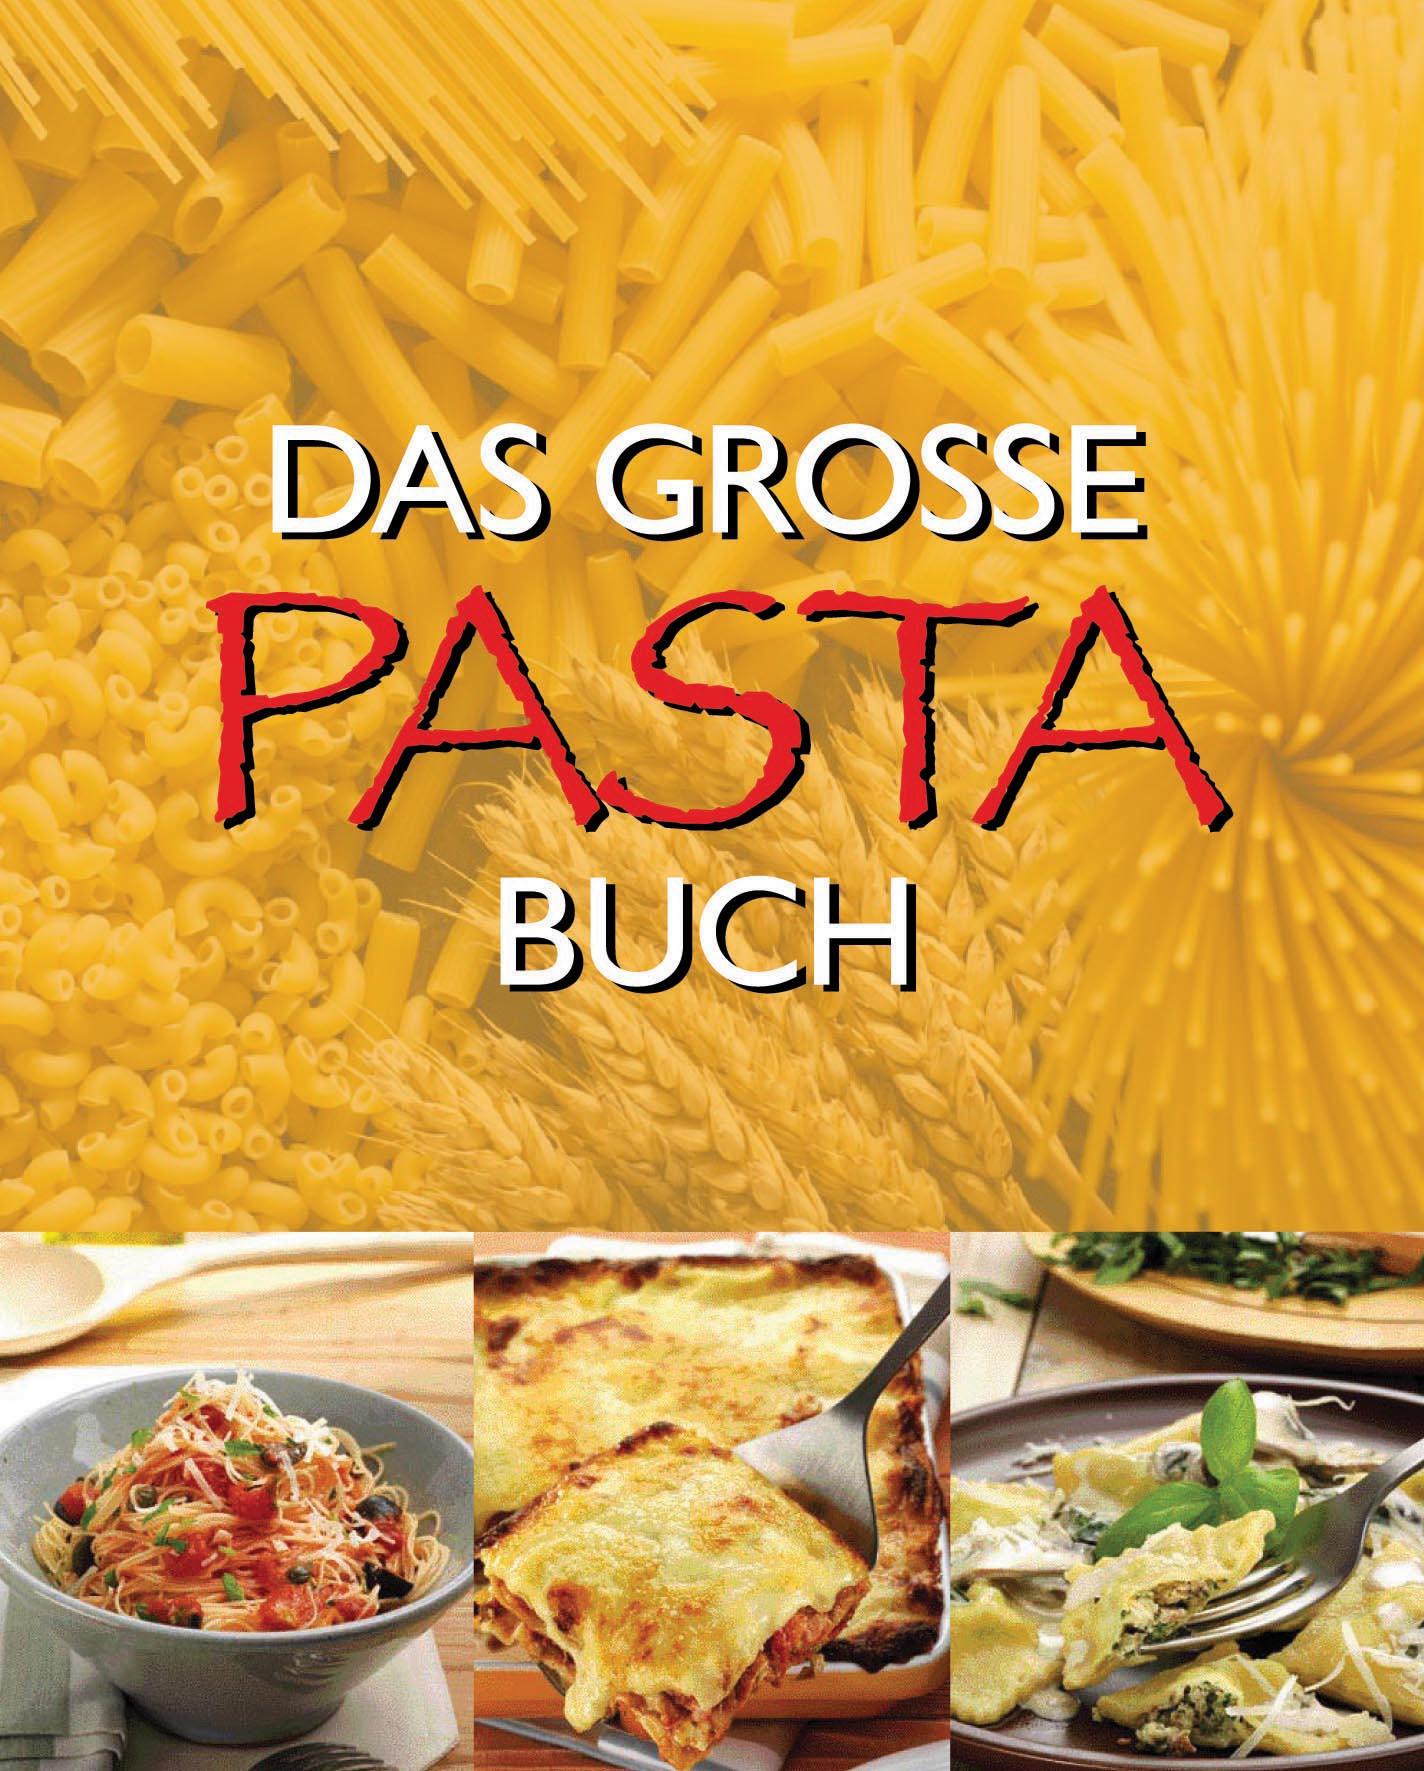 Das große Pasta Buch - unbekannt